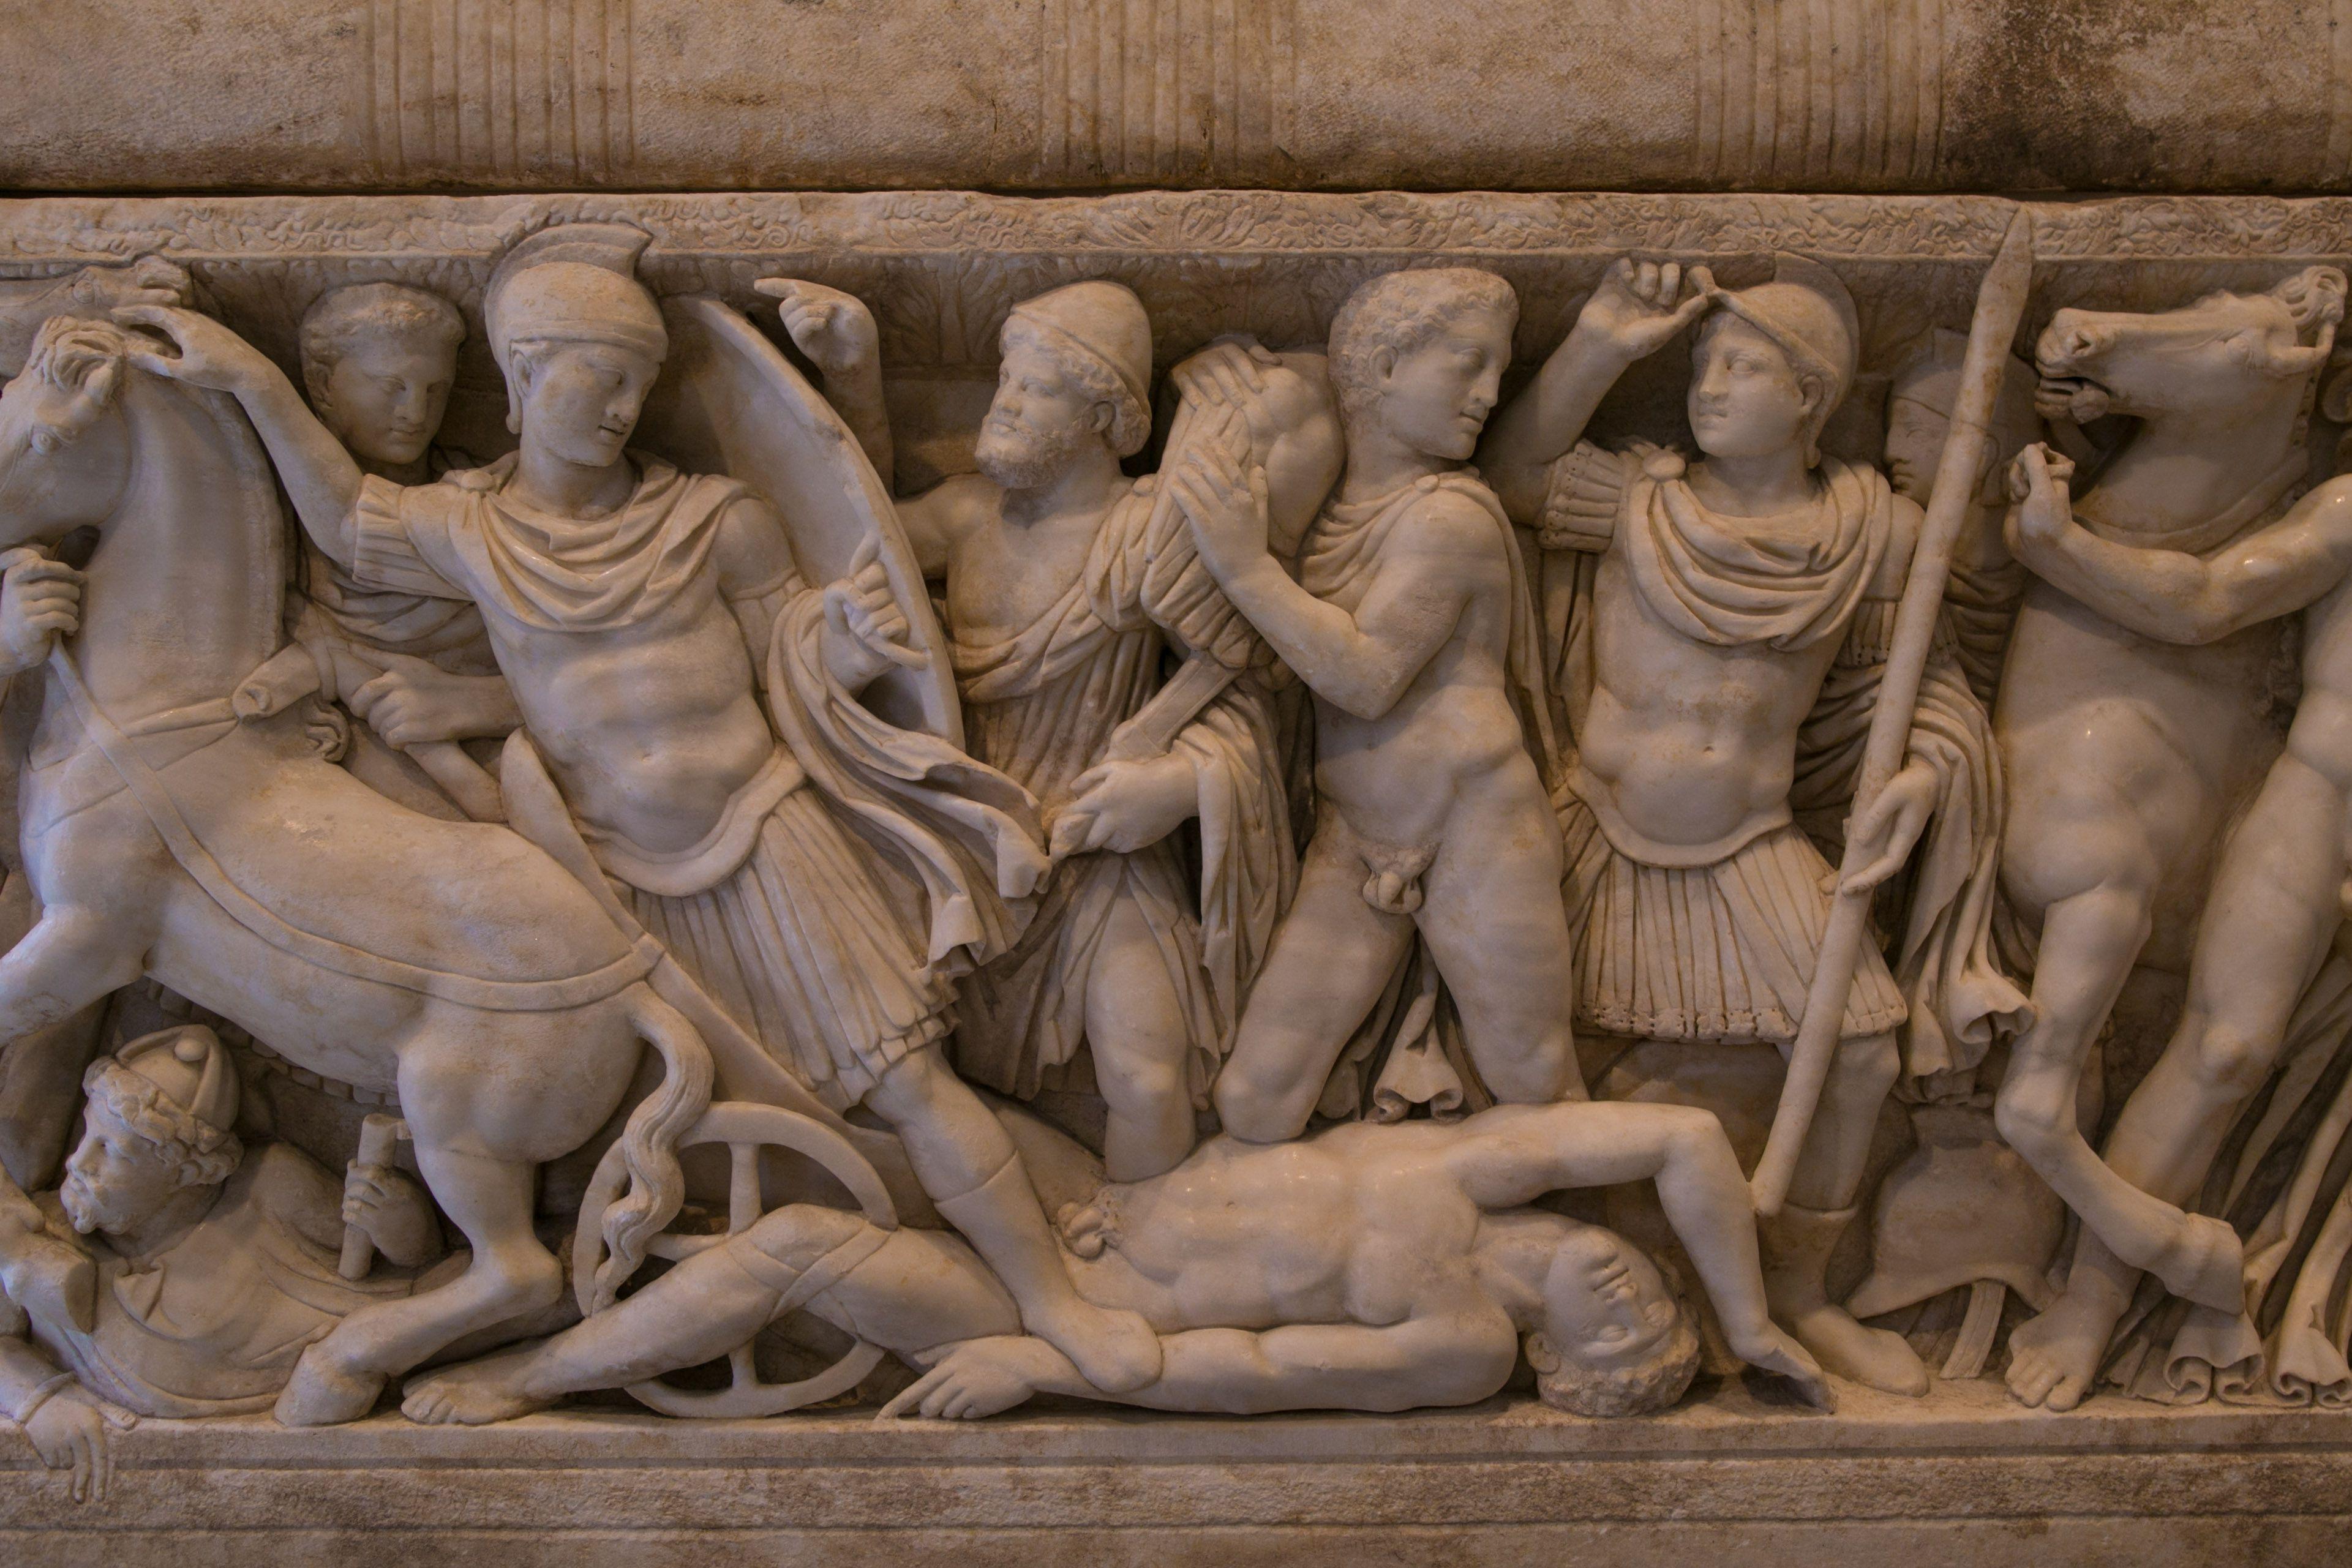 Ein römischer Marmorsarkophag mit Szenen aus dem Trojanischen Krieg